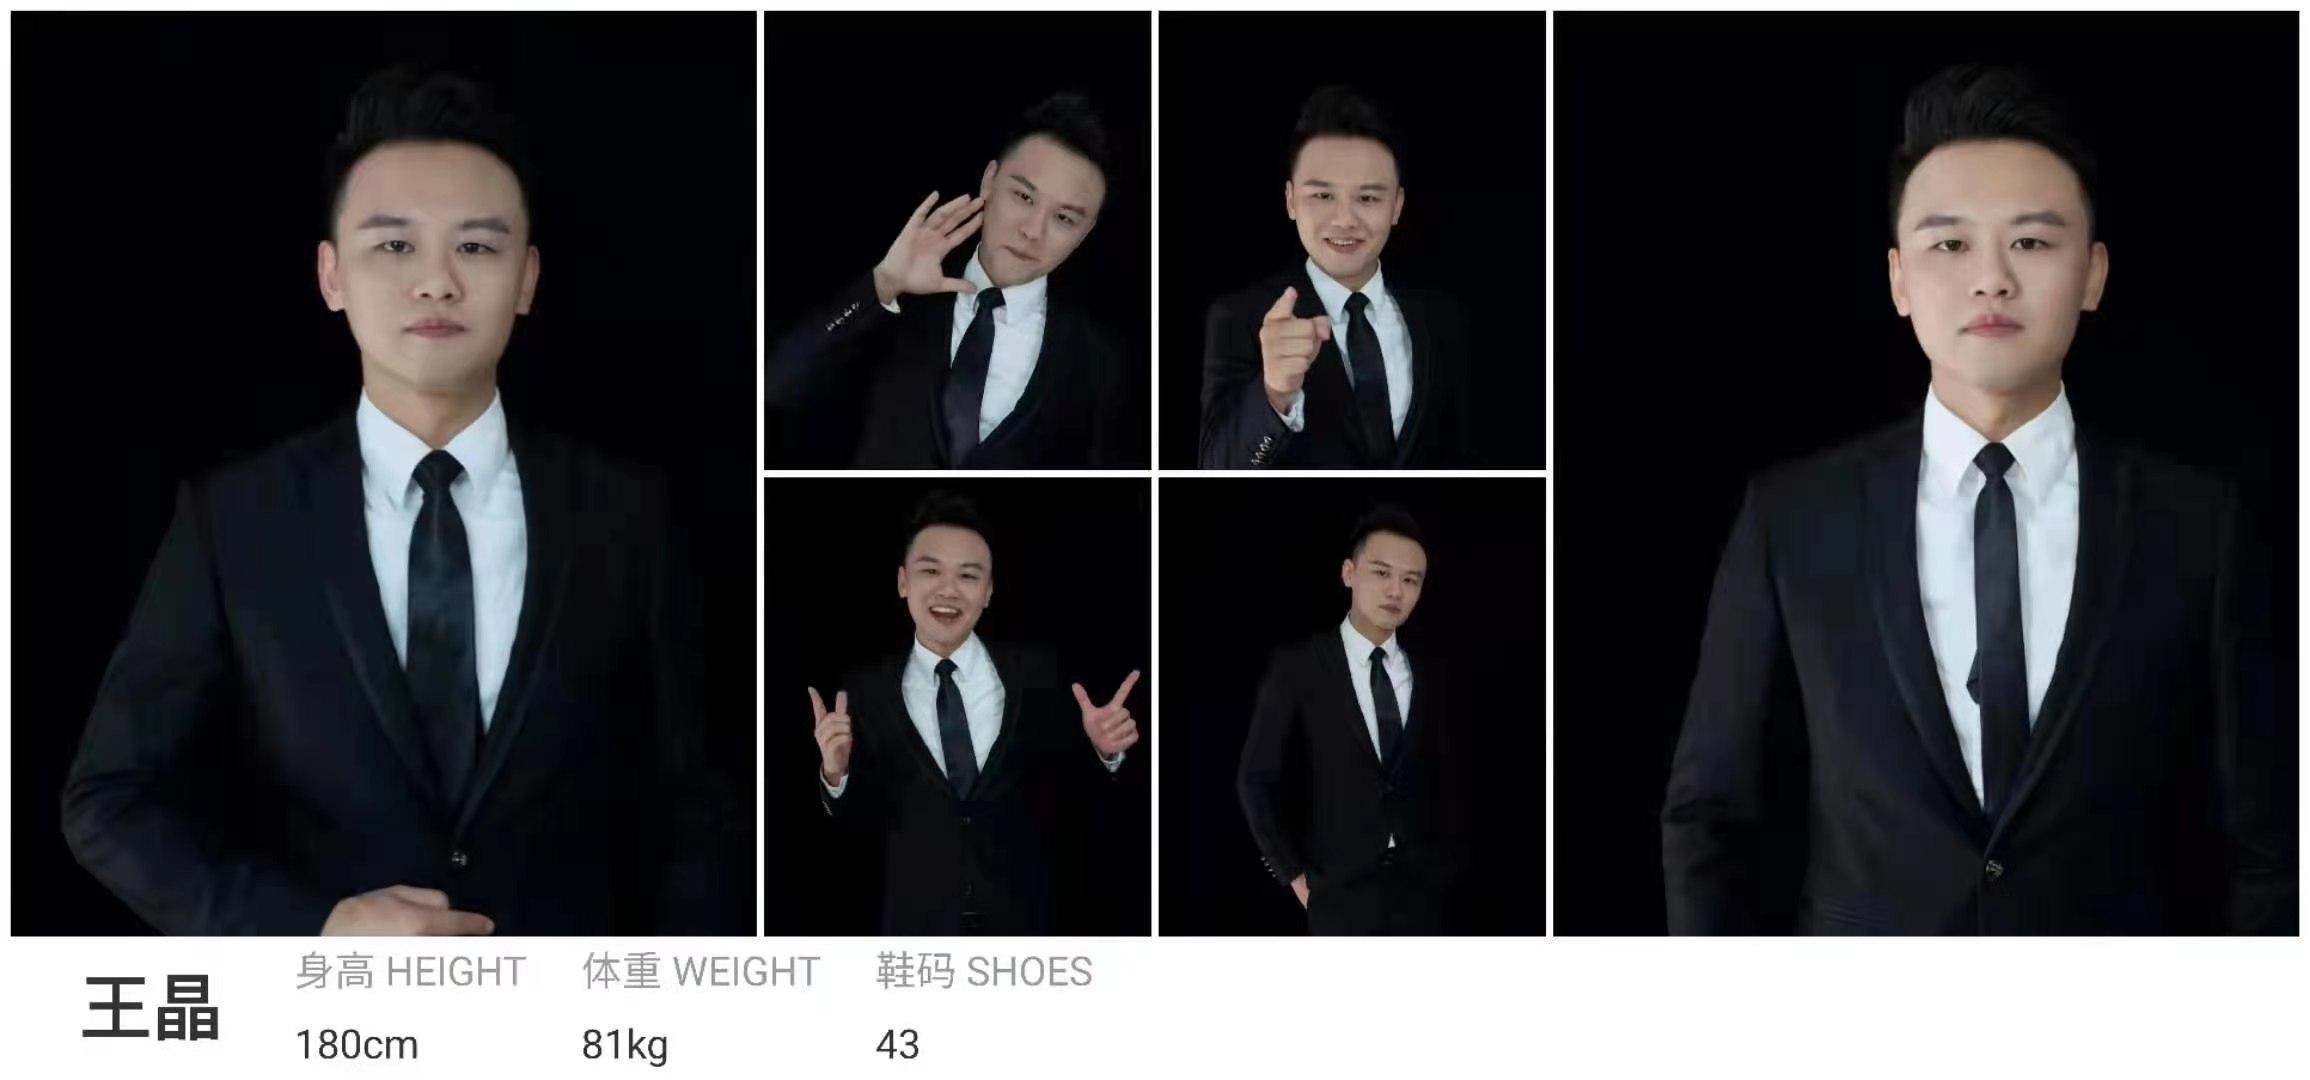 本土特色剧组影视演员王晶